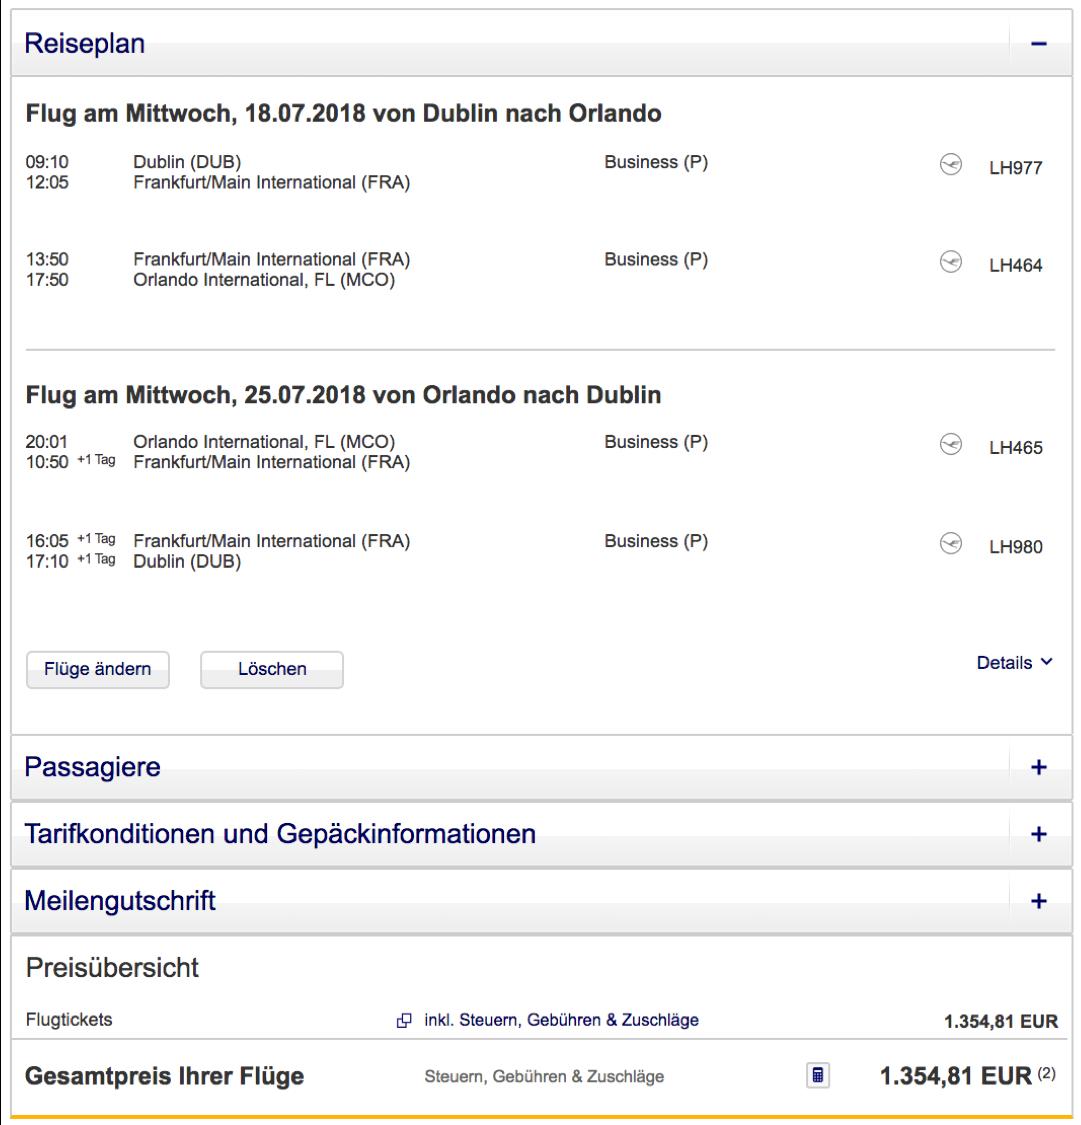 Günstig Lufthansa Business Class nach Florida fliegen